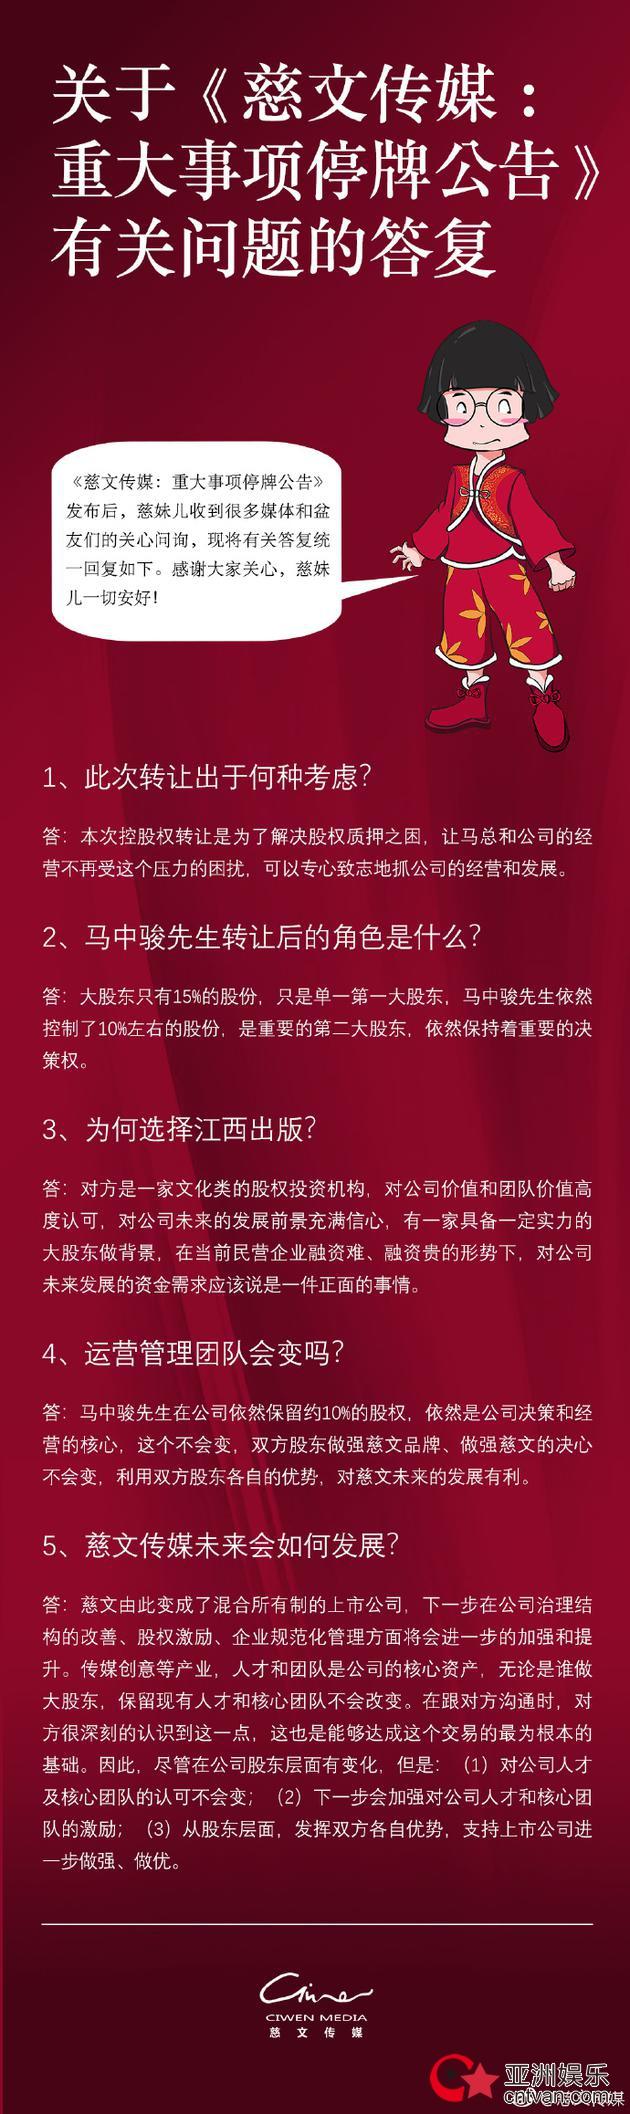 慈文传媒宣布停牌  曾出品过《花千骨》、《楚乔传》、《老九门》等热门电视剧